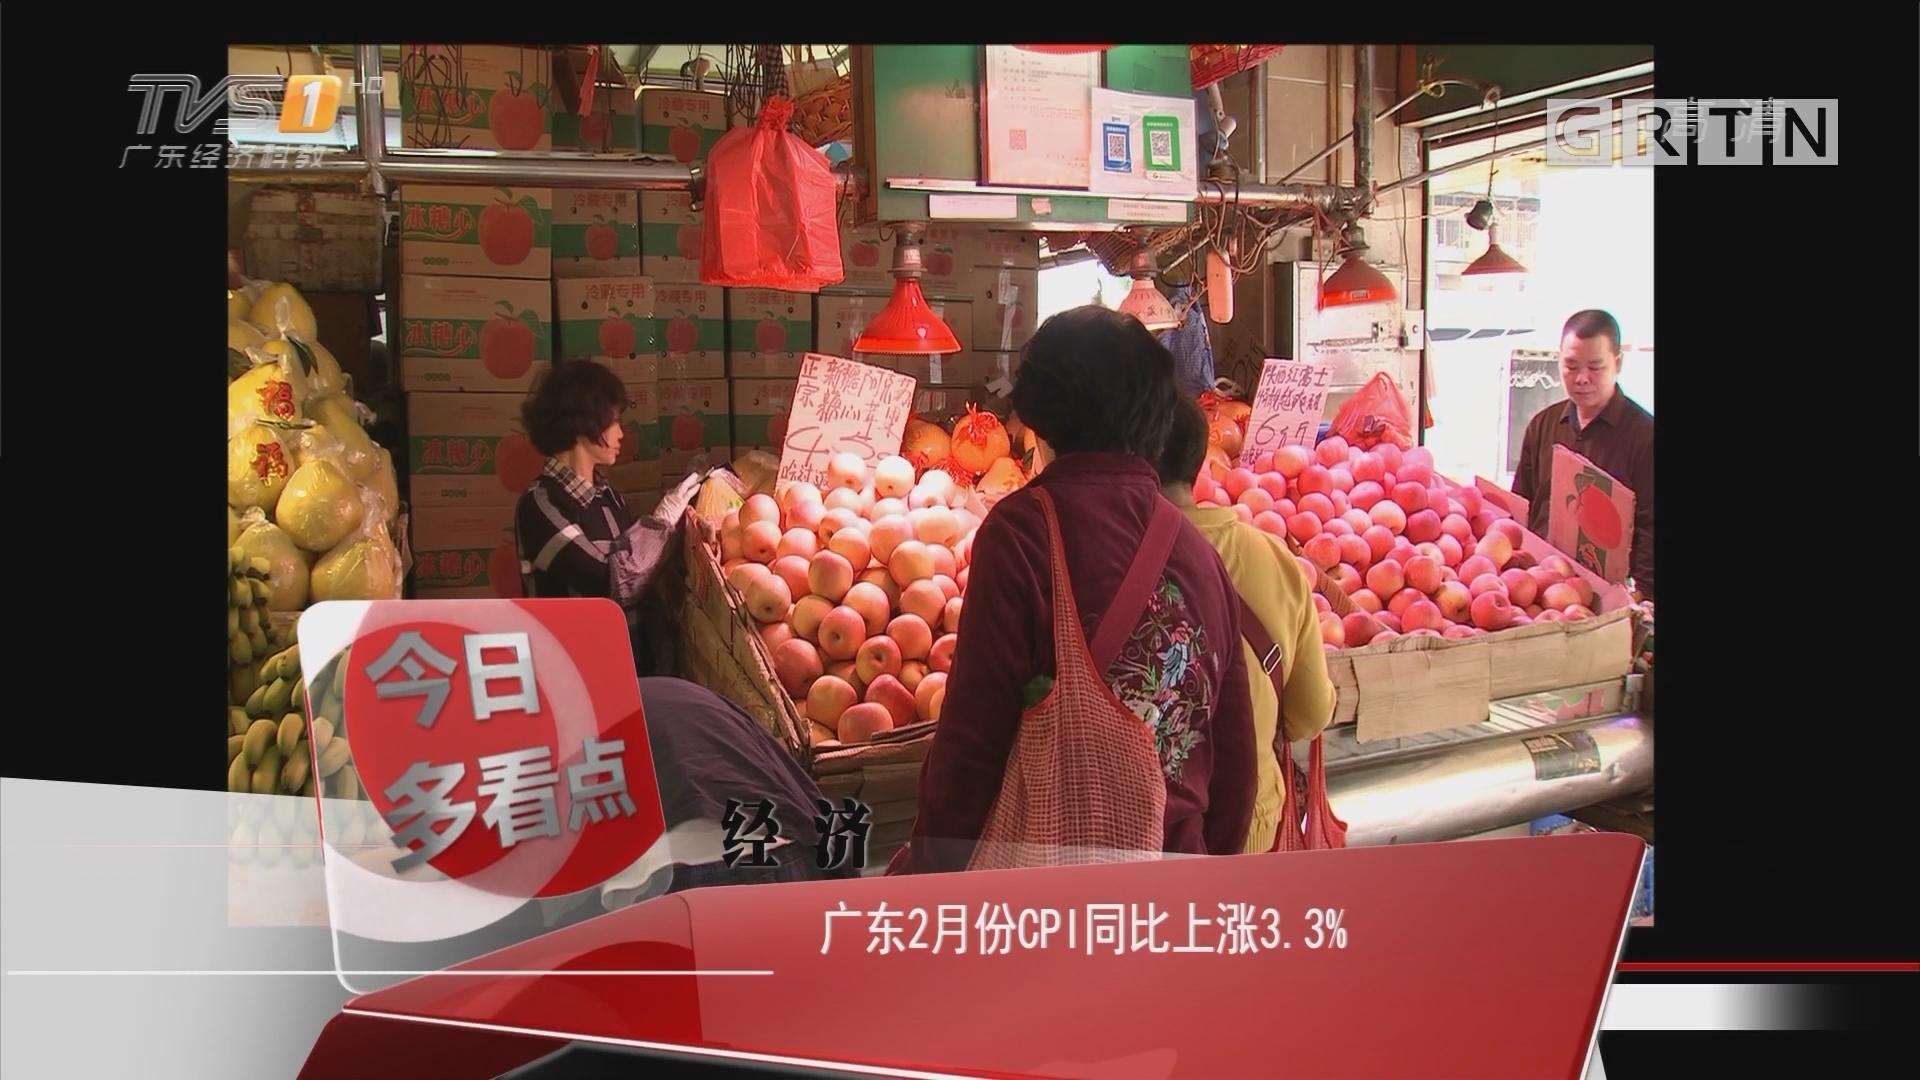 经济:广东2月份CPI同比上涨3.3%